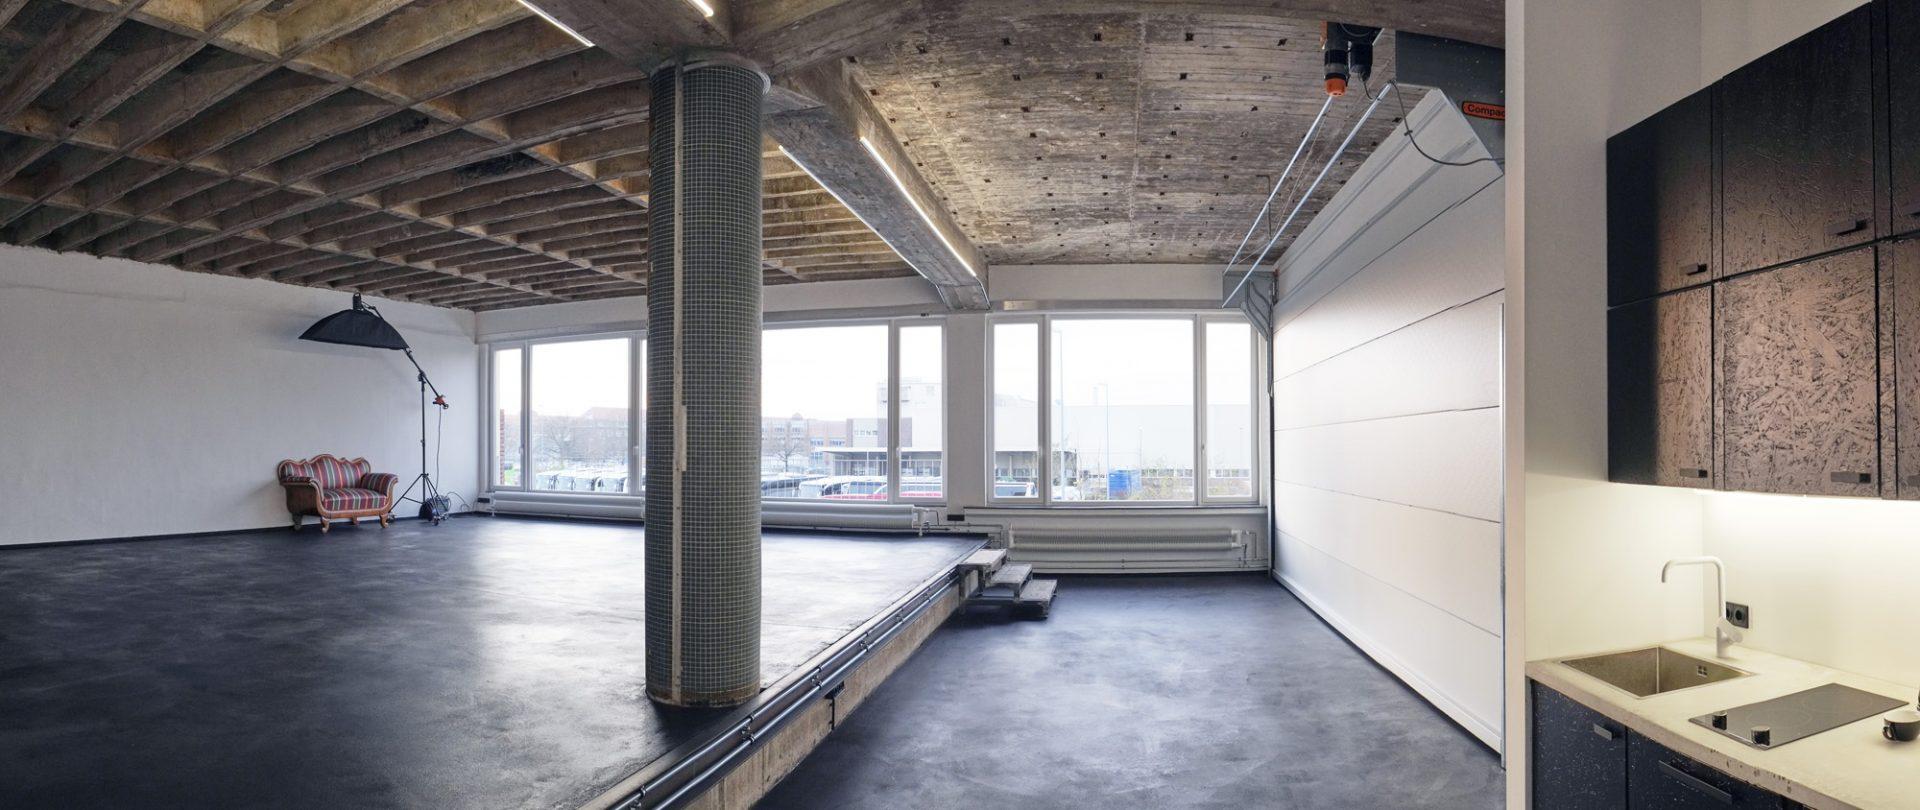 De Compact vouwdeur wordt door Raw studios gebruikt als flexibele tussenwand